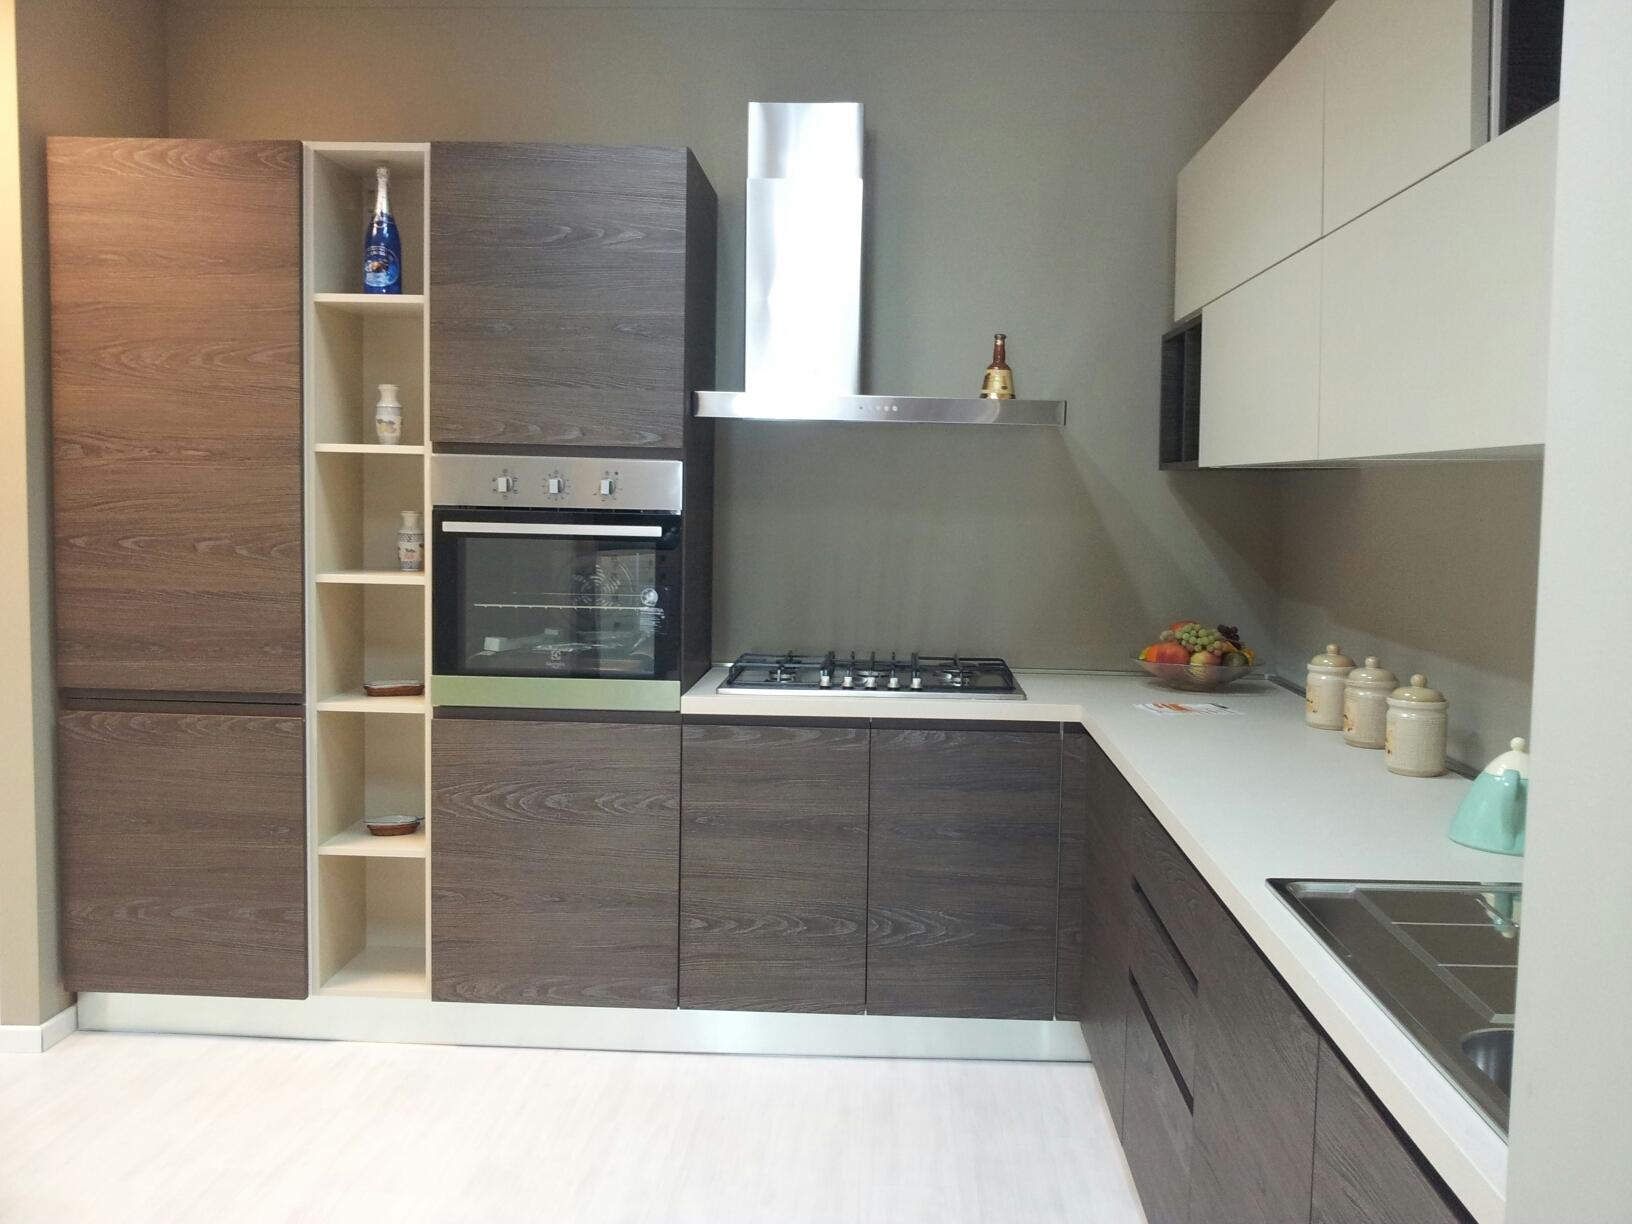 Cucina Con Lavello Angolare ~ Trova le Migliori idee per Mobili e ...